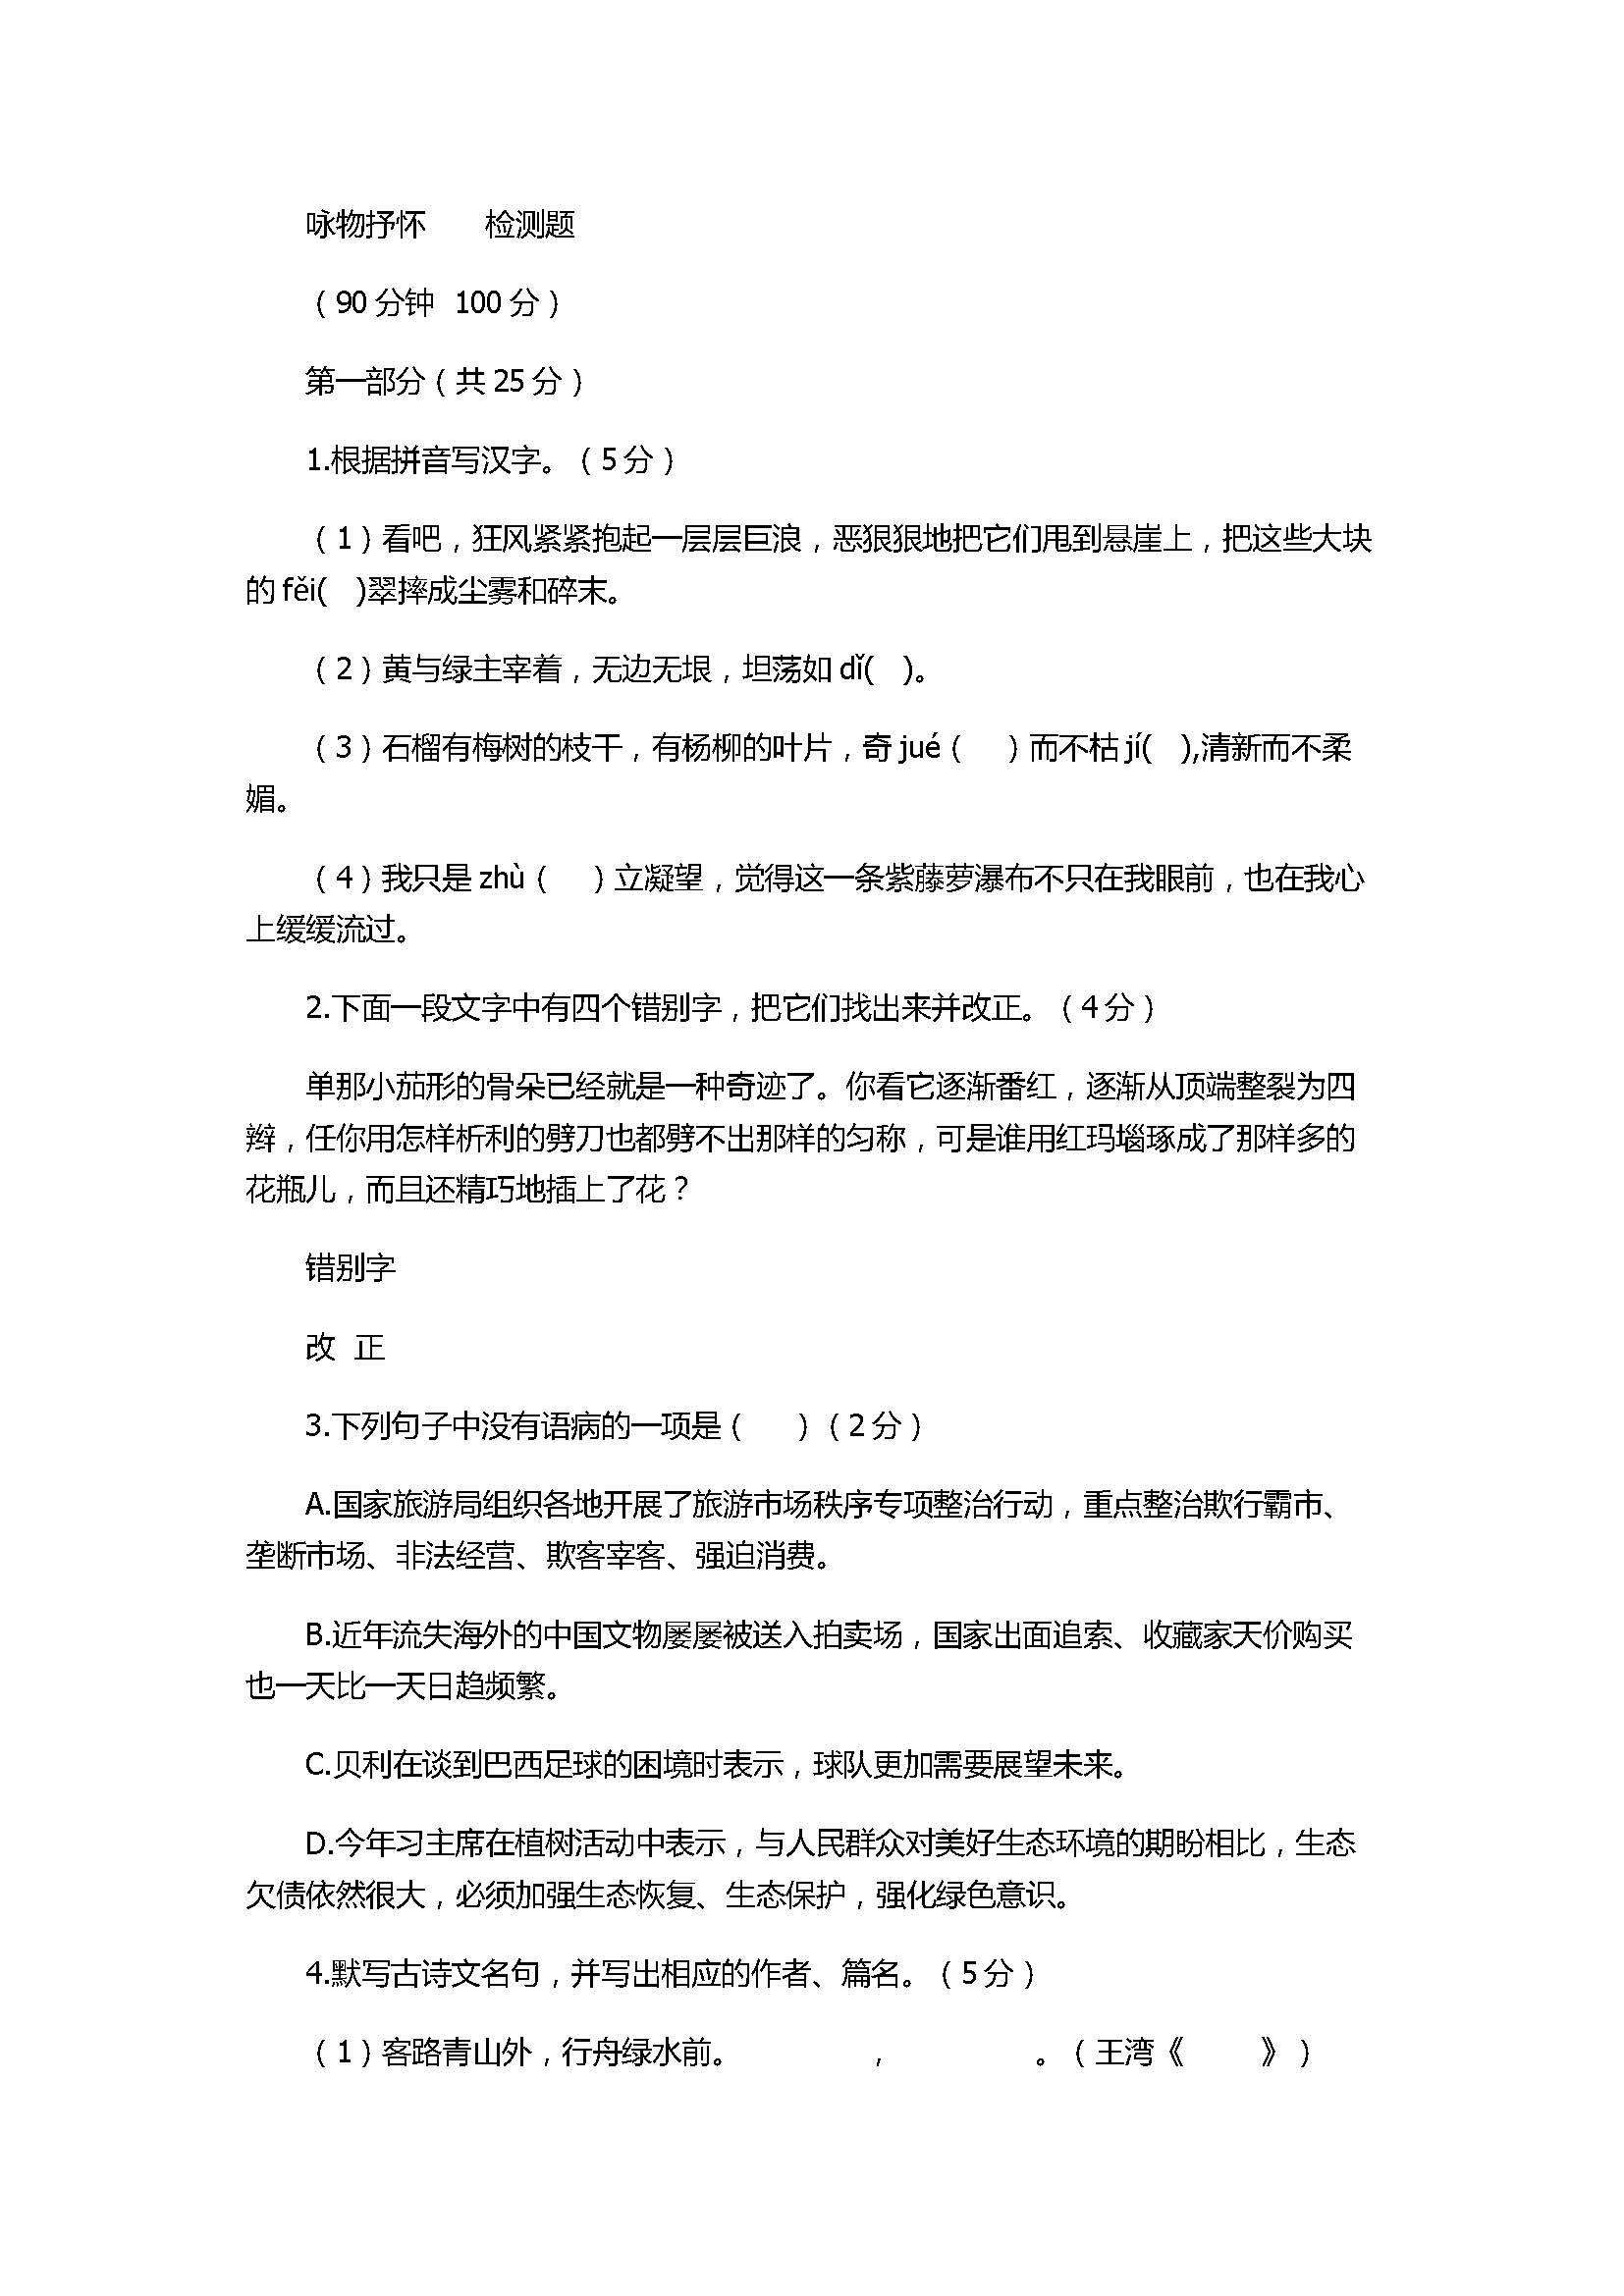 2017八年级语文下册第一单元测试题含答案(苏教版)